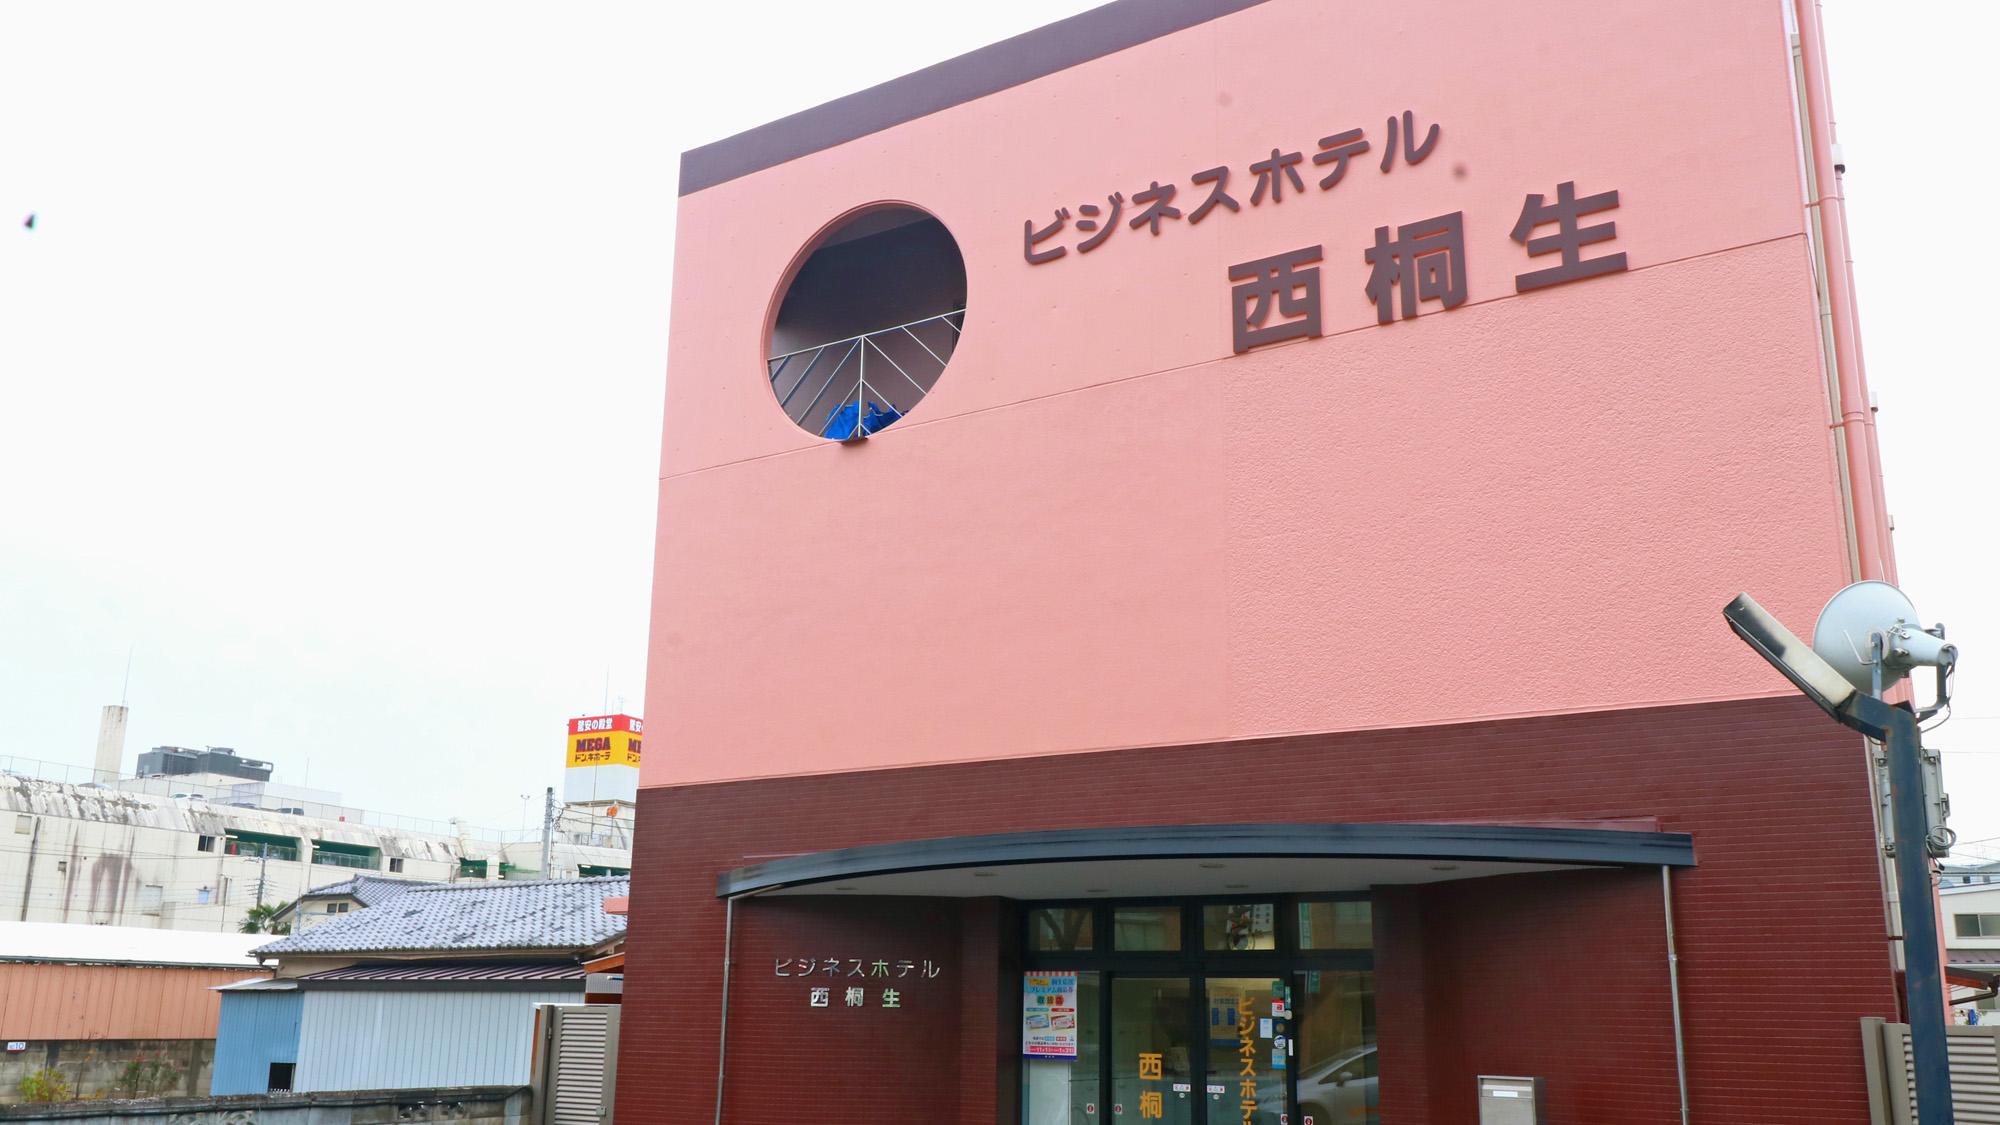 ビジネスホテル 西桐生◆楽天トラベル